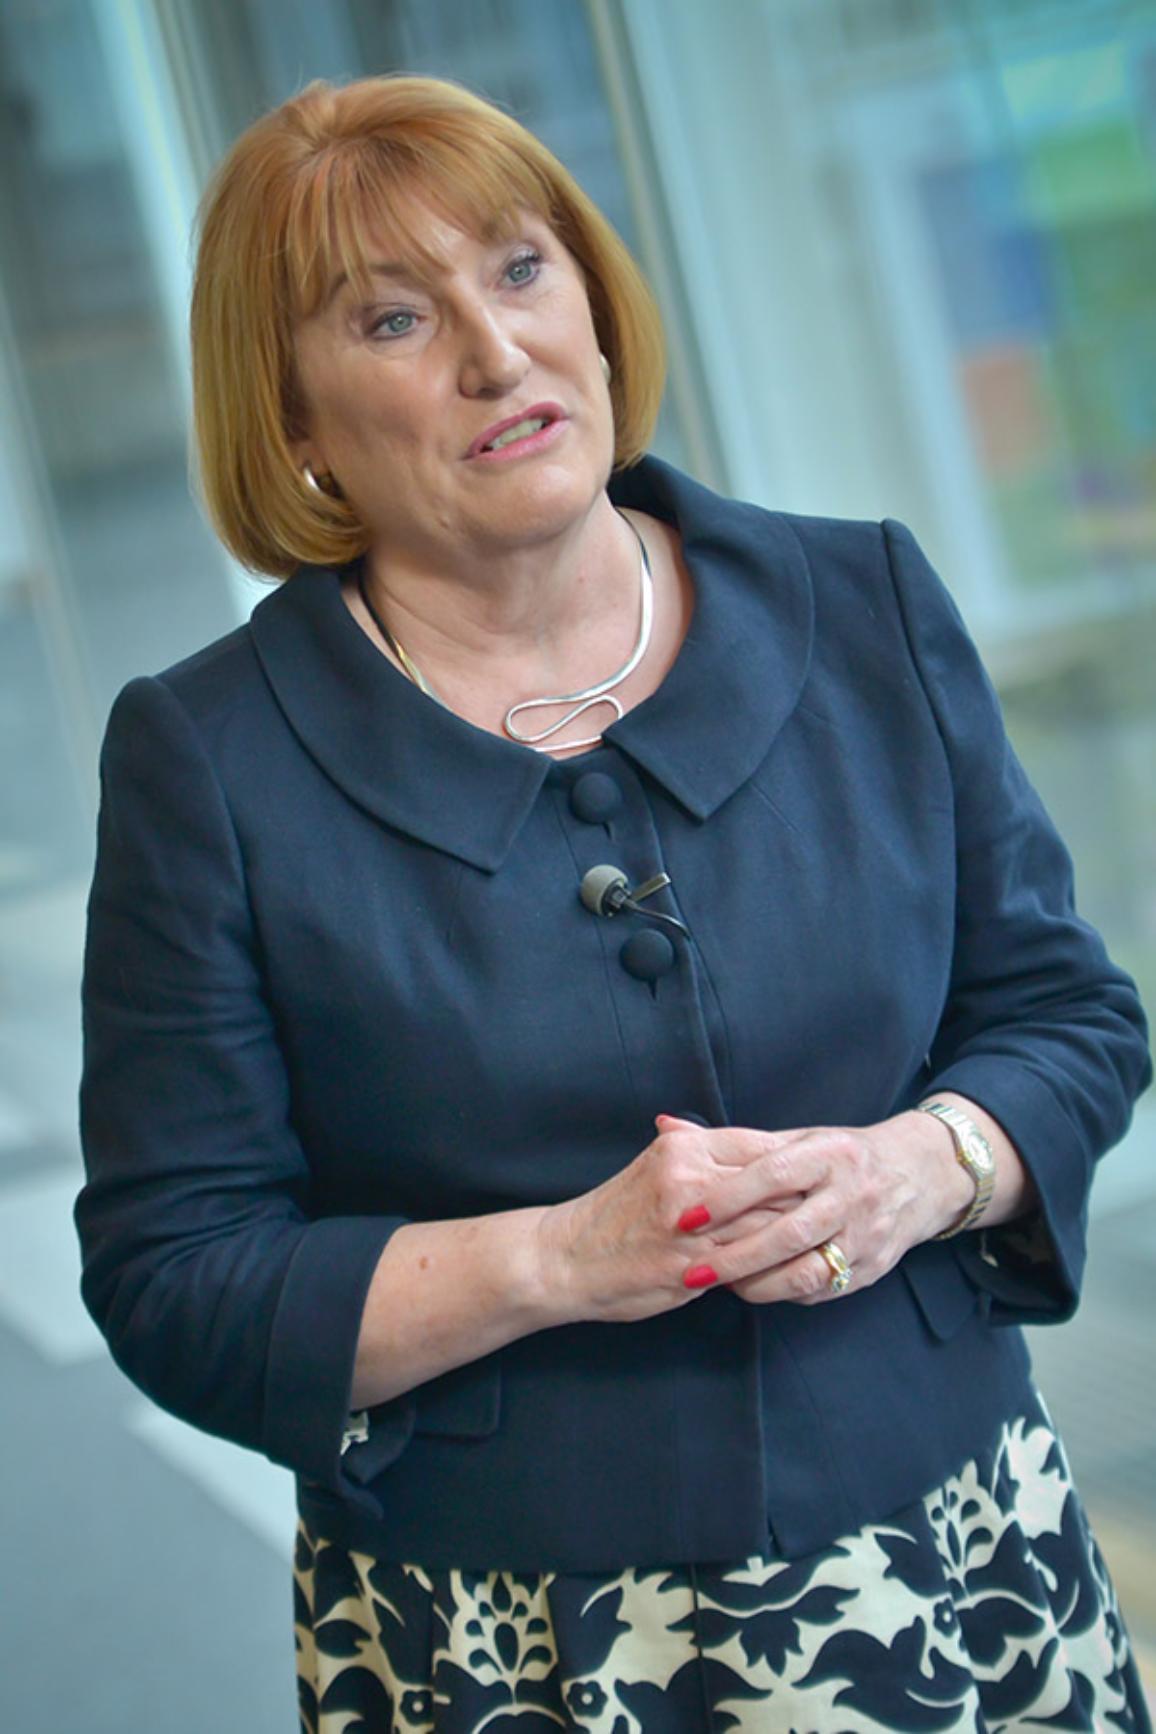 Imagen de la eurodiputada Willmott. ©European Union 2013 - European Parliament